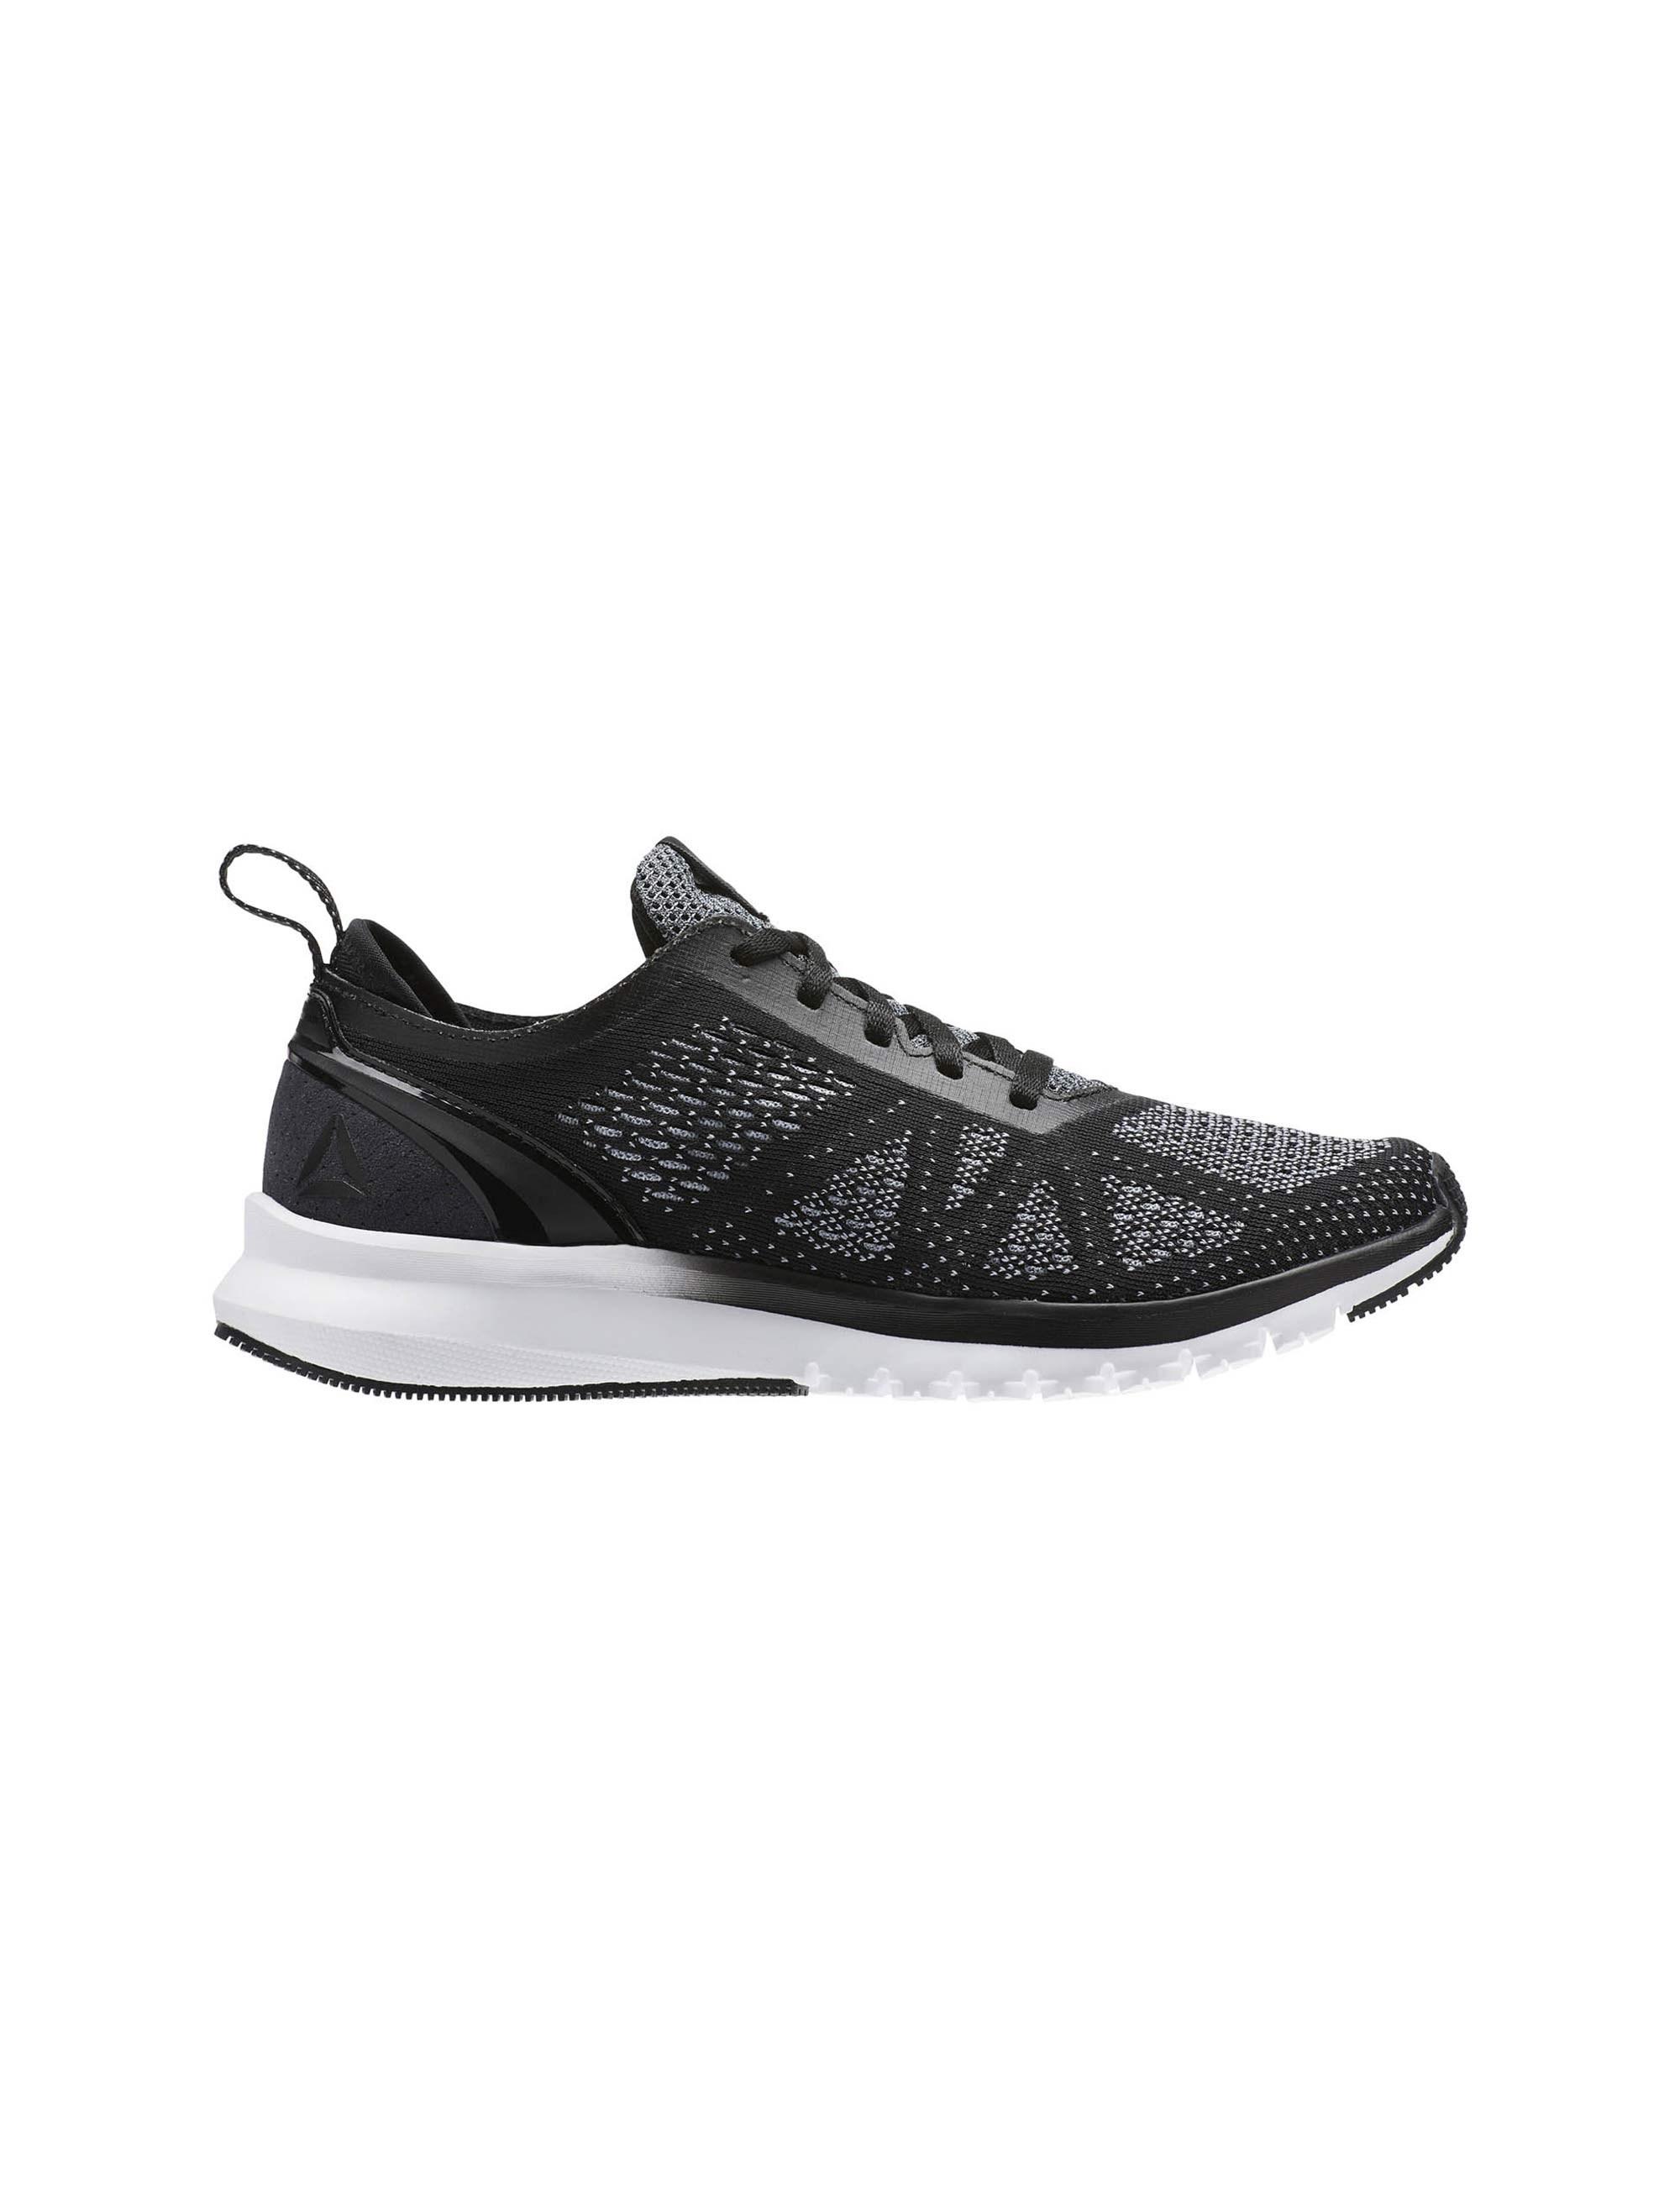 کفش مخصوص دویدن زنانه ریباک مدل Smooth Clip Ultraknit